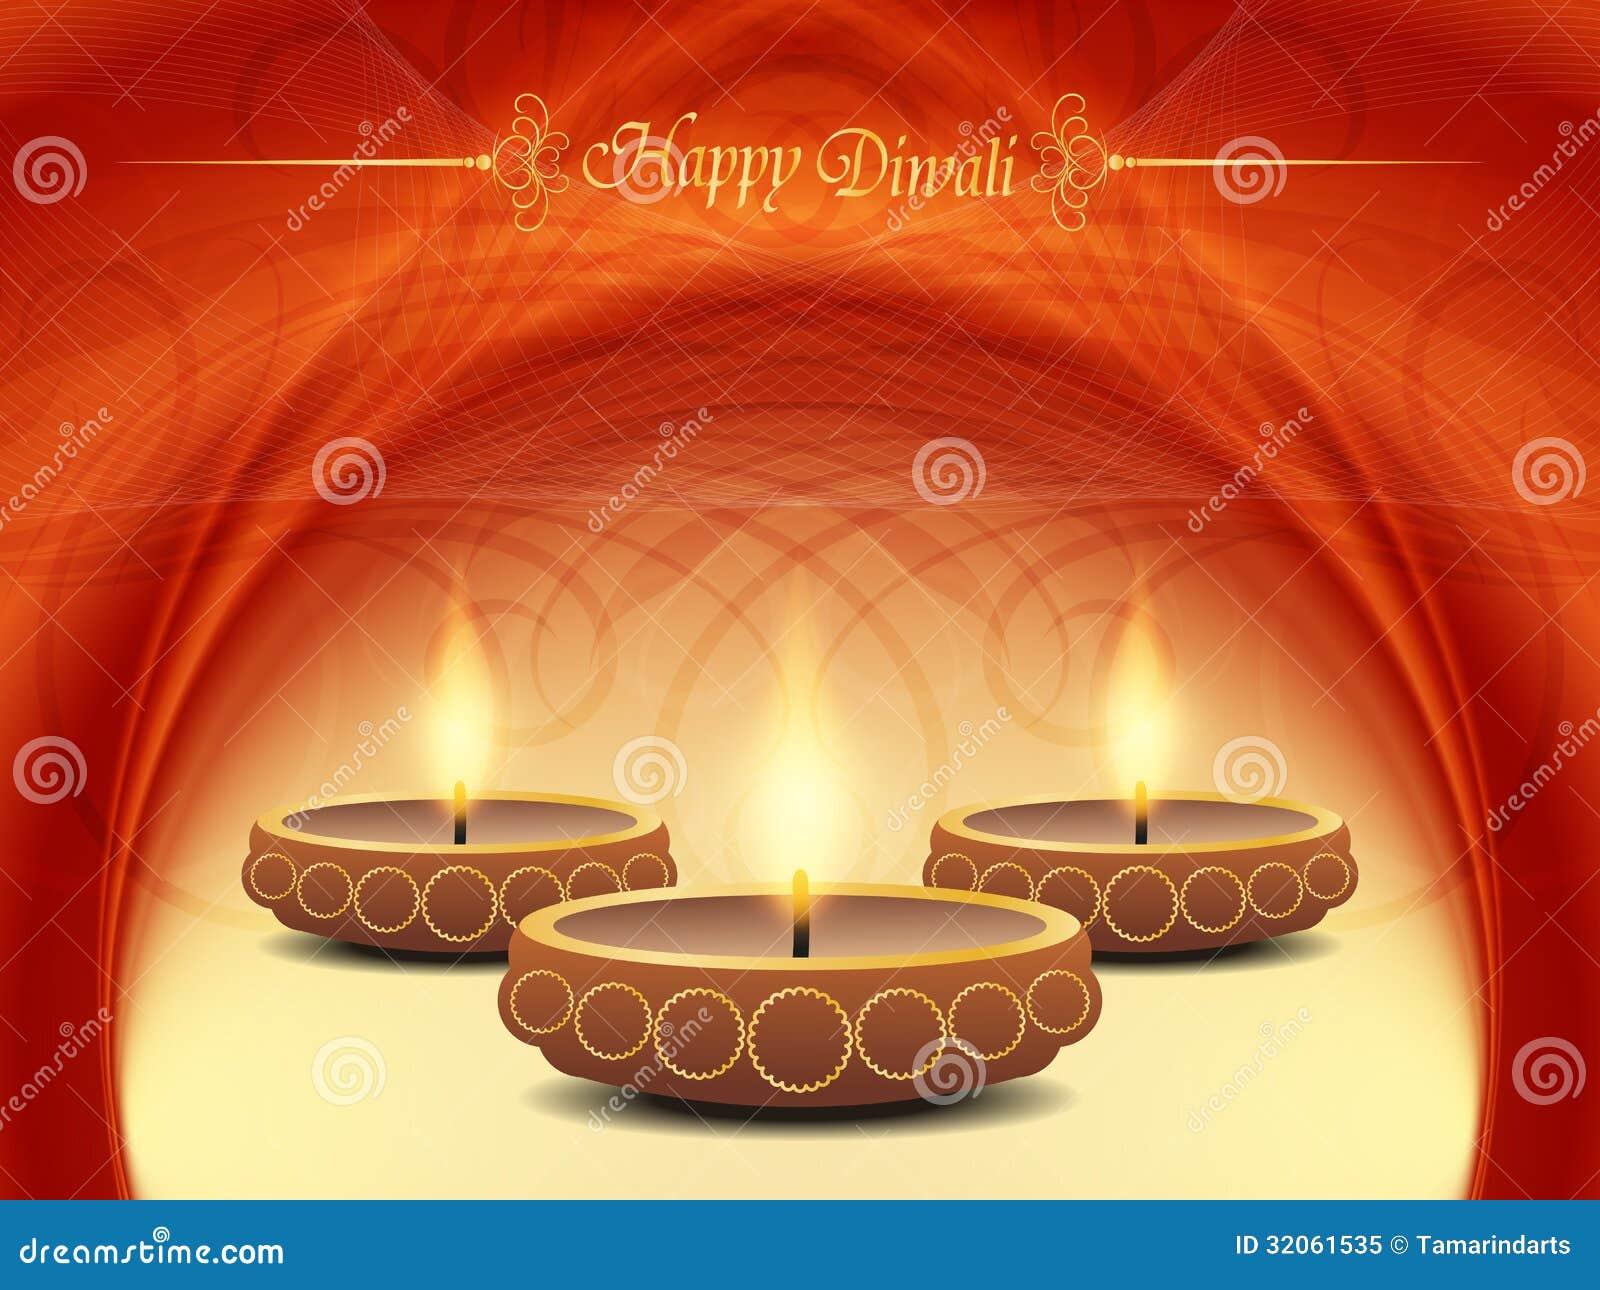 Conception élégante de fond pour le festival de diwali avec